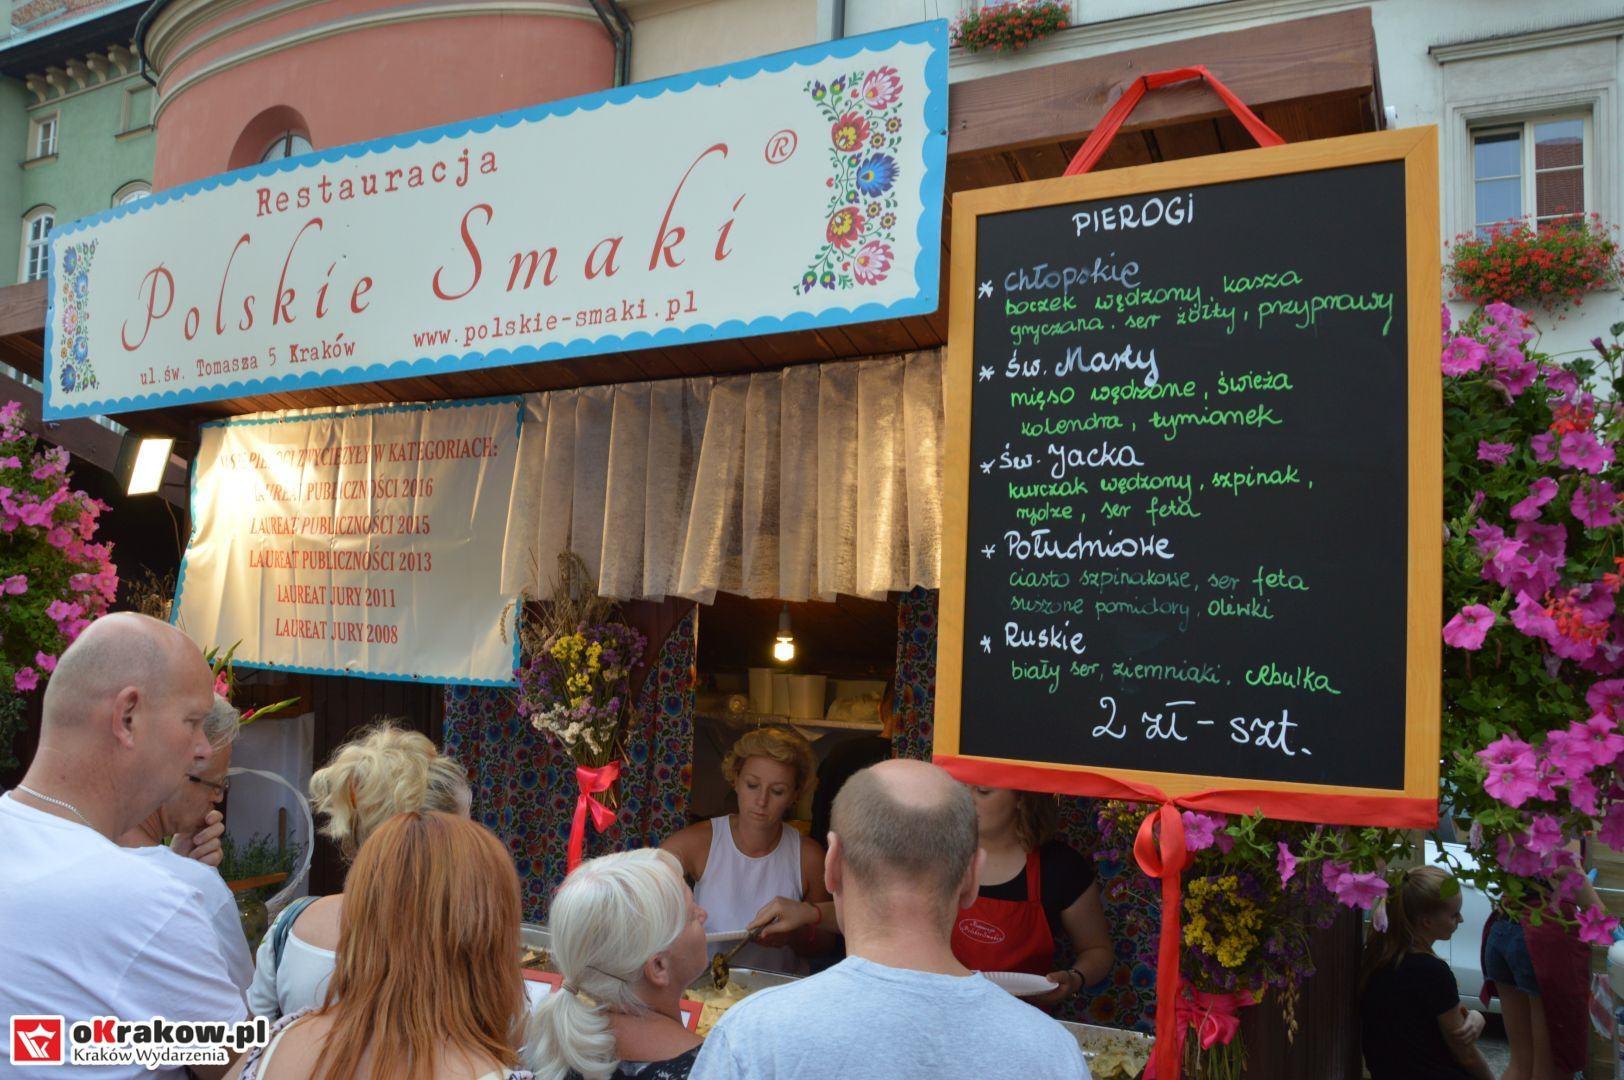 krakow festiwal pierogow maly rynek koncert cheap tobacco 25 150x150 - Galeria zdjęć Festiwal Pierogów Kraków 2018 + zdjęcia z koncertu Cheap Tobacco